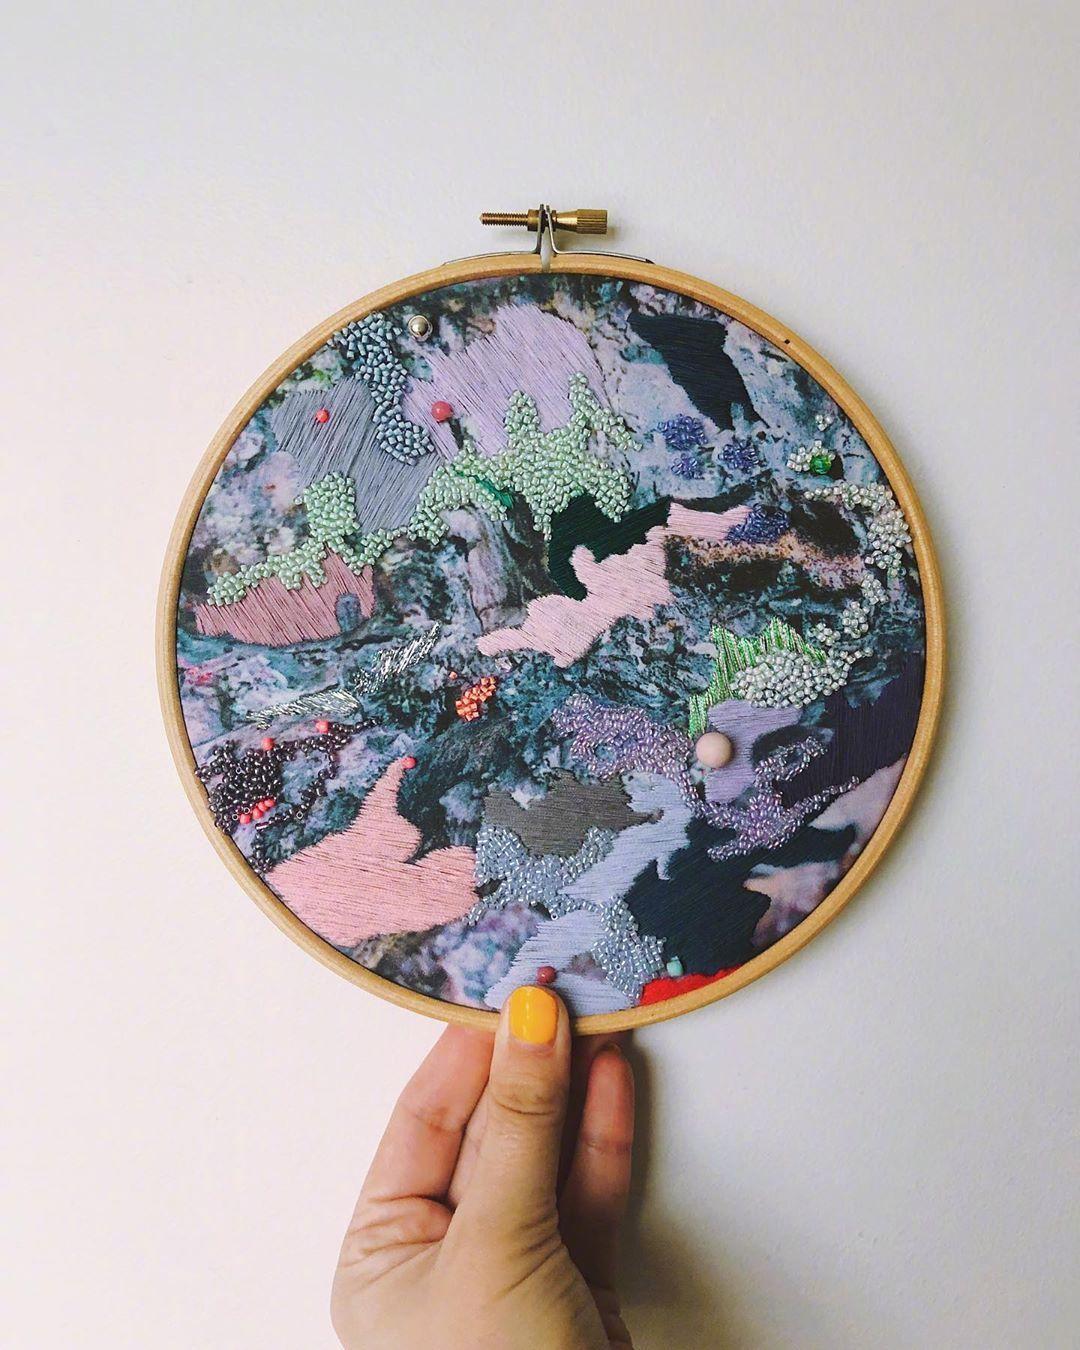 艺术家 Emily Botelho 刺绣作品   |   blainey.mit